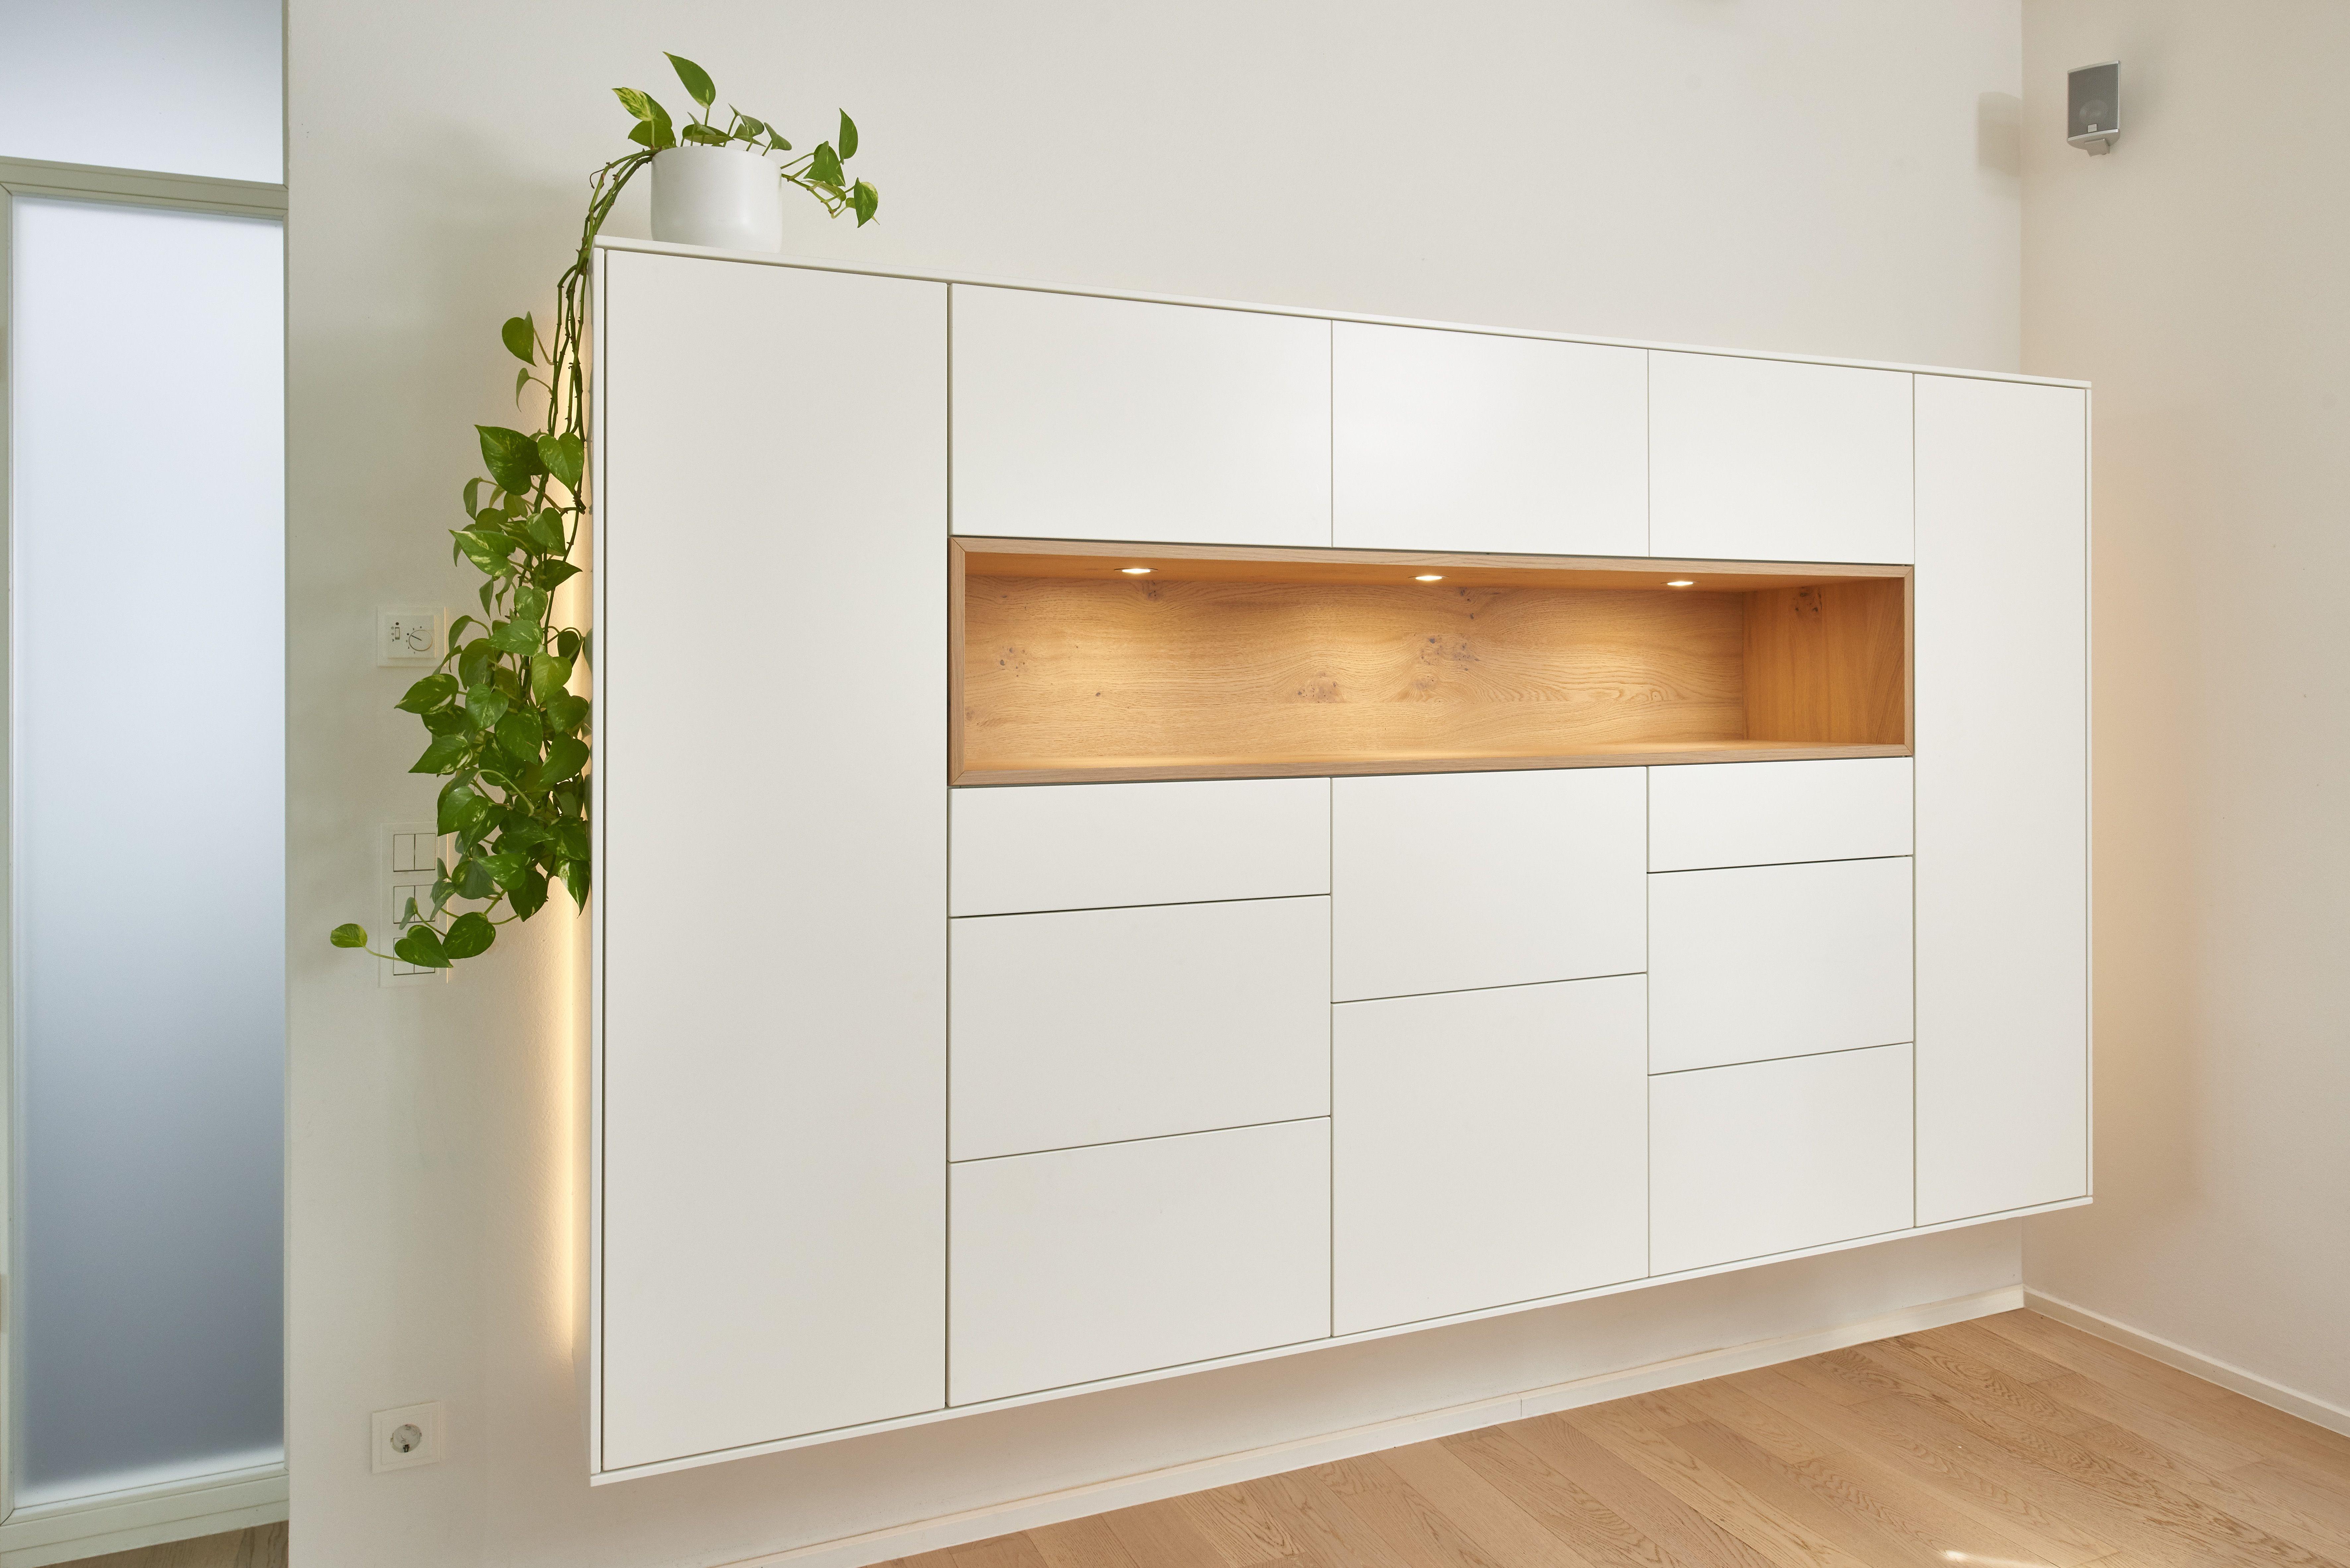 Diese Wohnzimmereinrichtung Besteht Aus Frei Hangenden Wandschranken Und Einem Tv Mobel Die Mobel Bestehen Aus W Wohnzimmer Wohnzimmereinrichtung Wandnischen